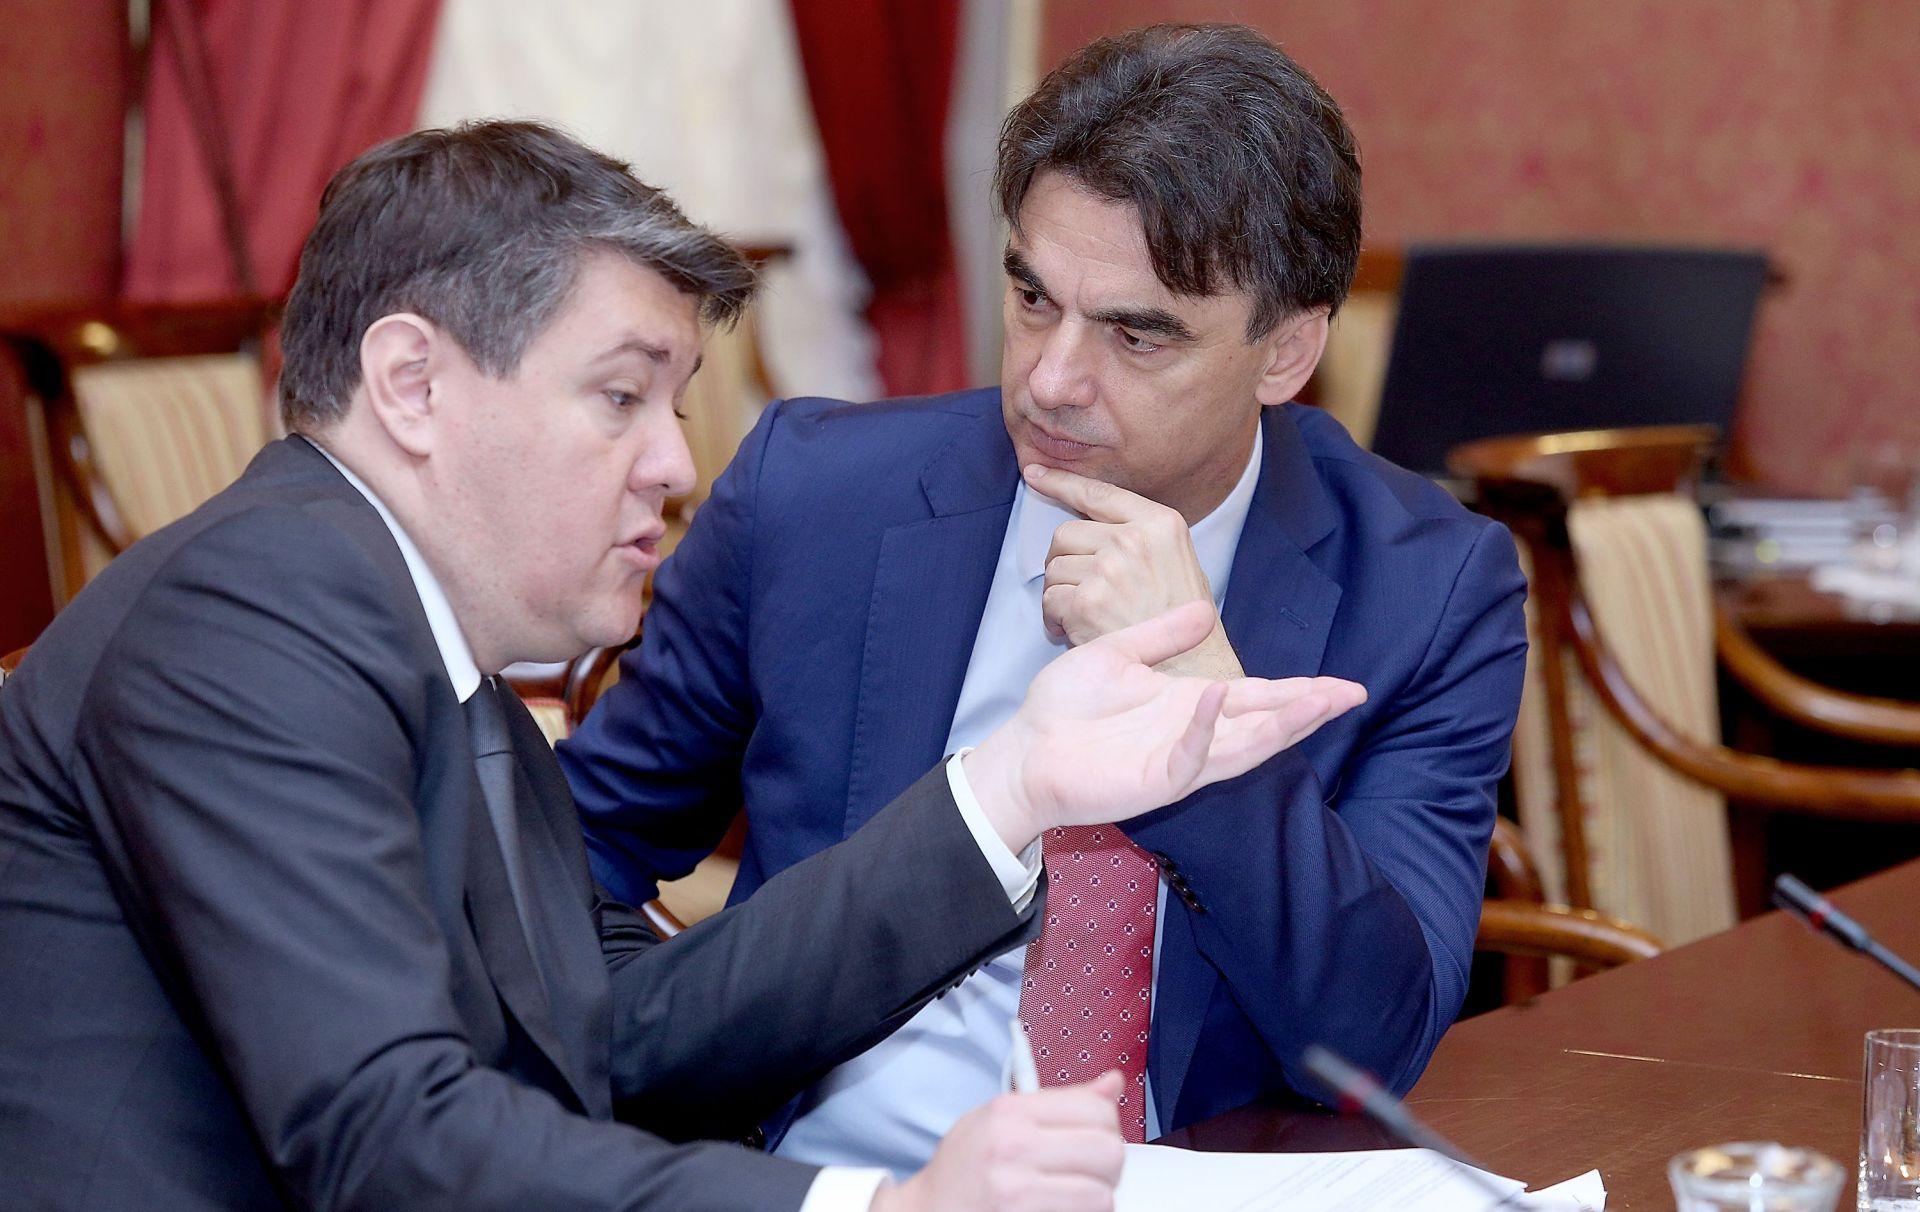 GRČIĆ I LALOVAC O RJEŠENJU ZA 'ŠVICARCE' Ako se banke ne budu držale zakona, slijede žestoke kazne